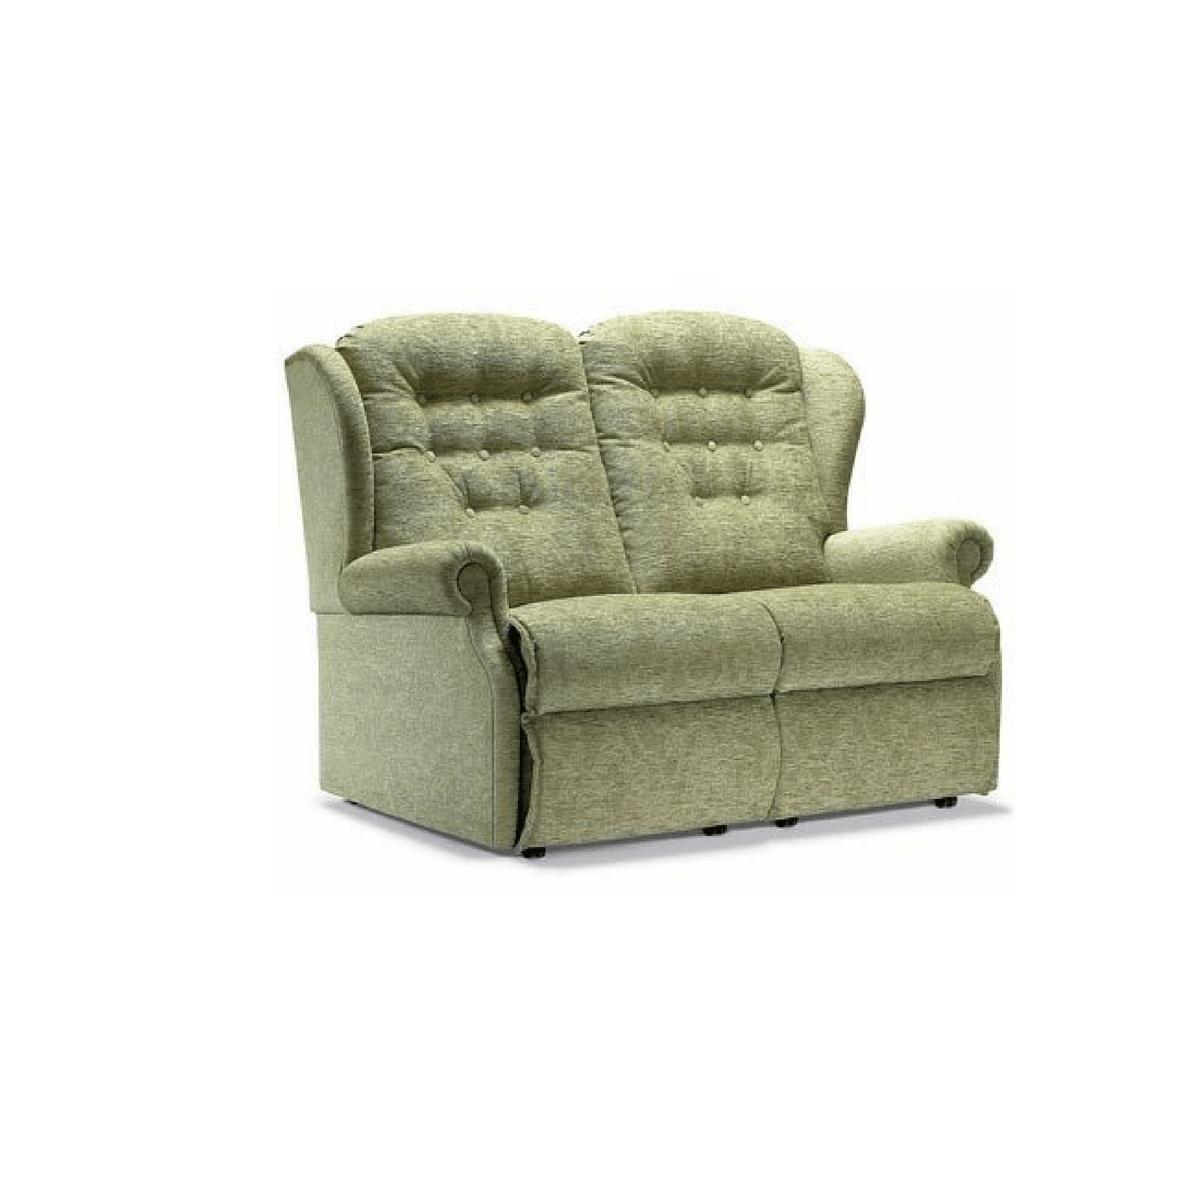 Lynton 2 Seater - Standard Fixed